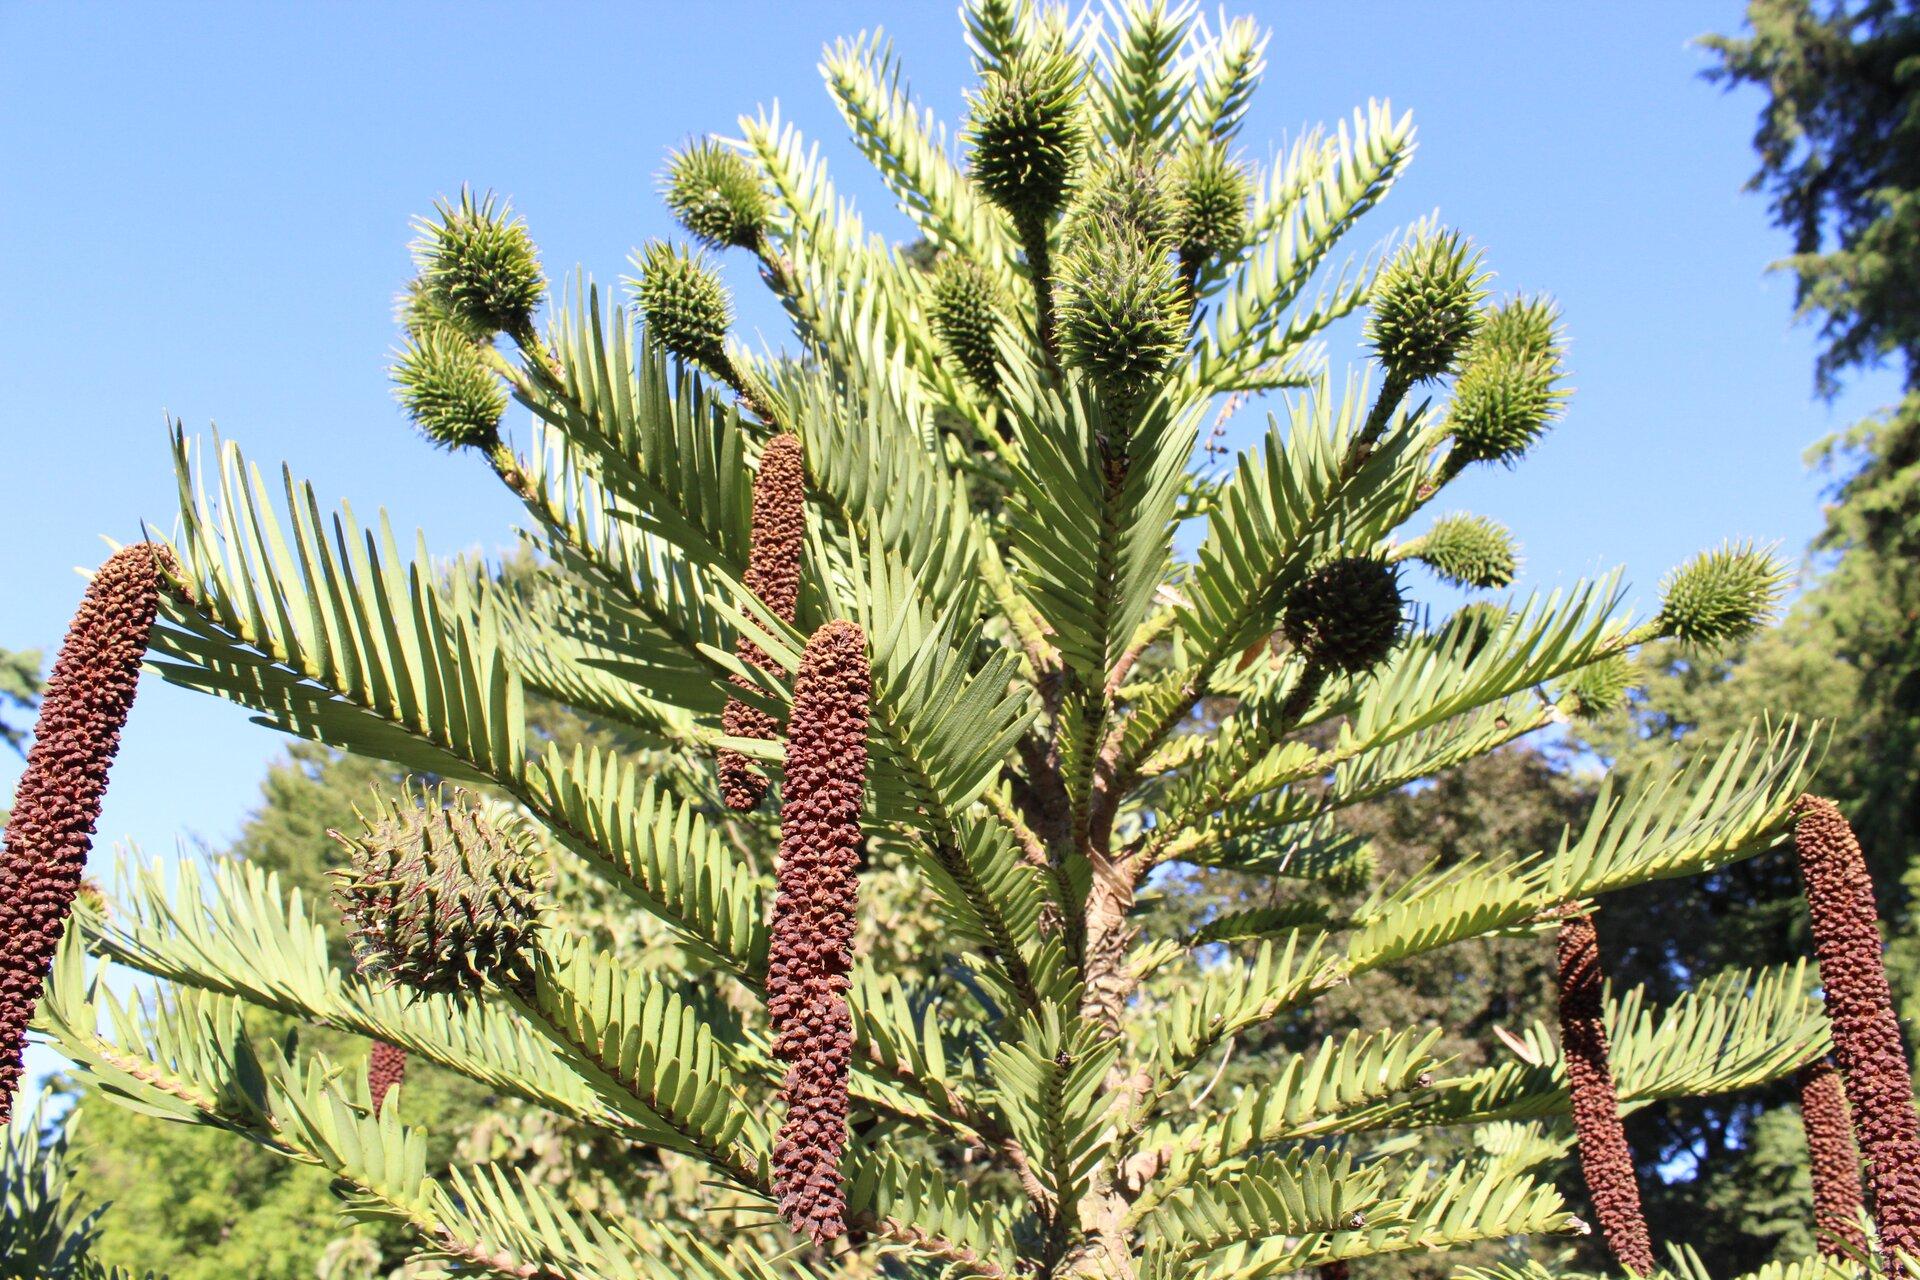 Fotografia przedstawia australijską roślinę iglastą wollemię. Ma płaskie, duże igły. Na końcach niektórych gałązek zwisają podłużne, brązowe twory. Na innych wznoszą się kuliste, iglaste zgrubienia.